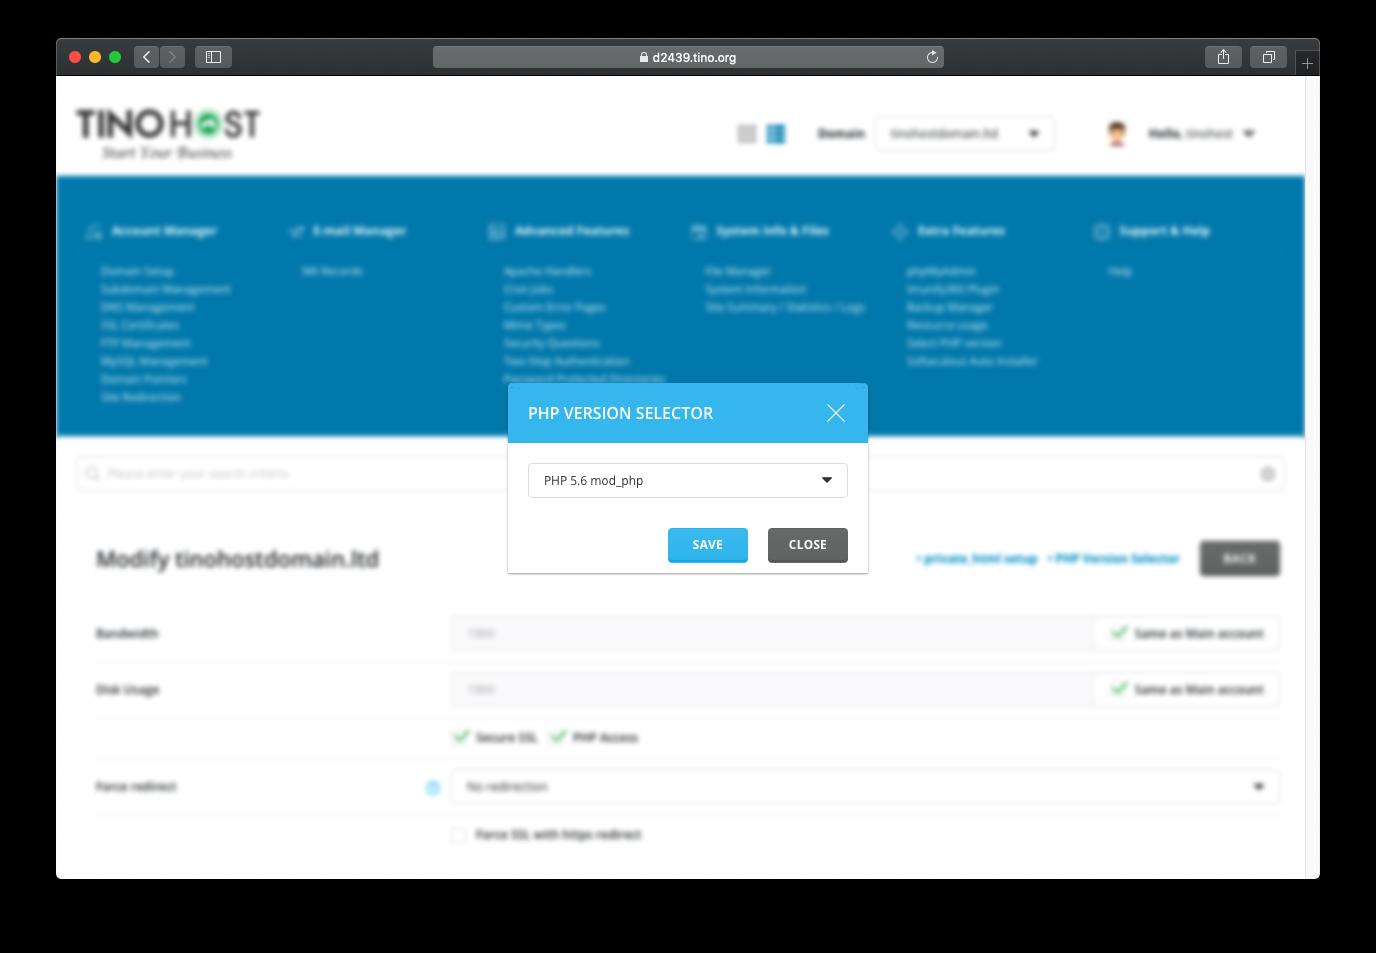 [DirectAdmin] - Hướng dẫn tùy chọn phiên bản PHP cho website trên Directadmin 13